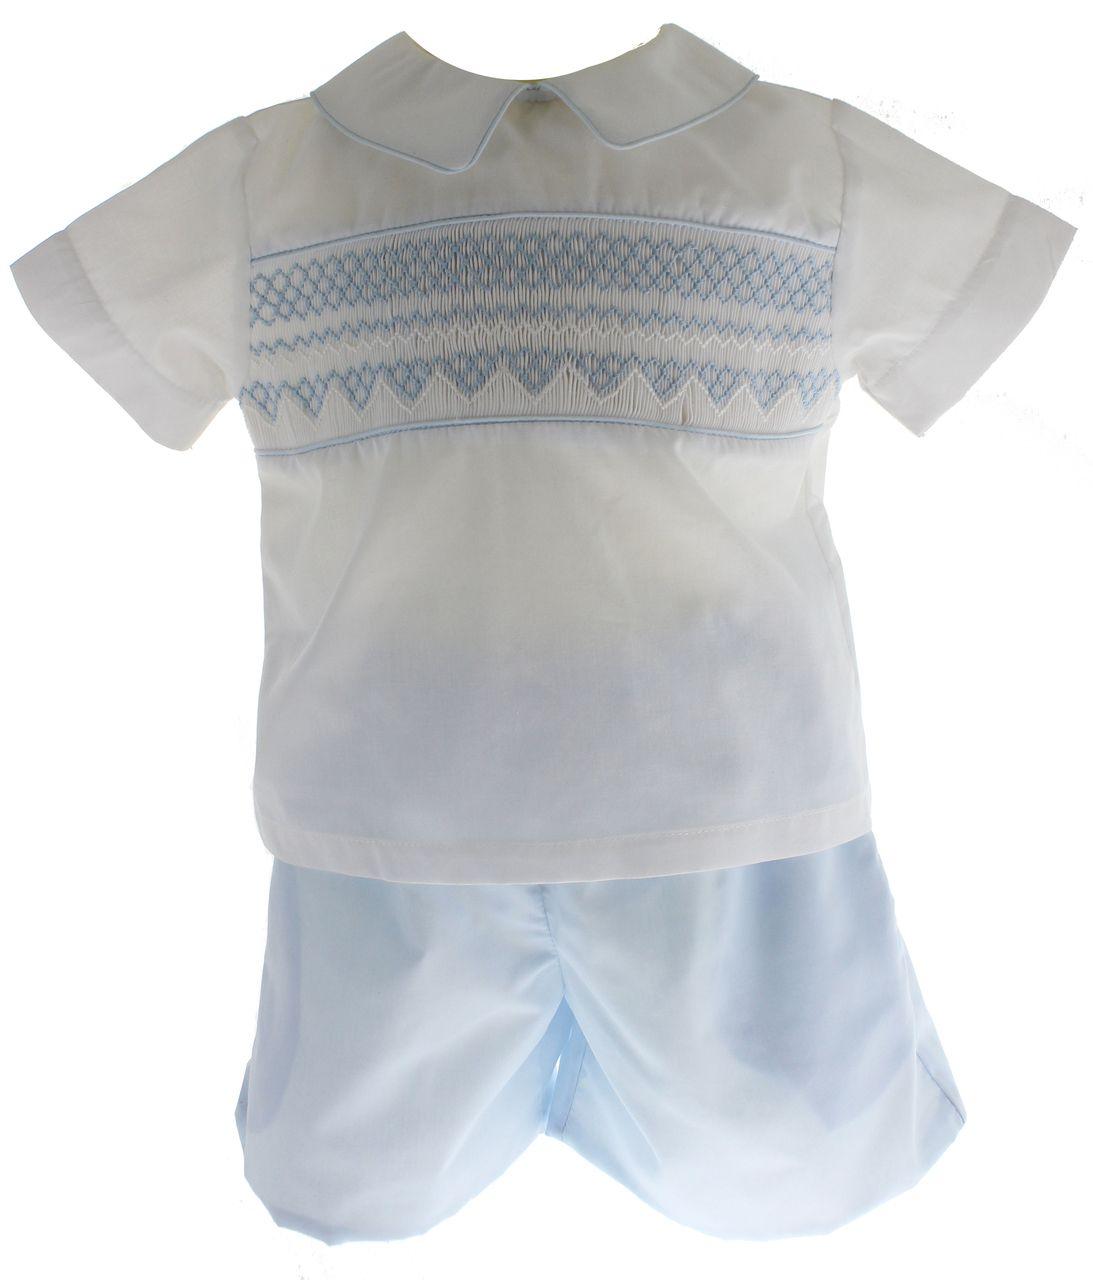 Best Buckin Dad Ever Baby Newborn Crawling Suit Sleeveless Onesie Romper Jumpsuit White